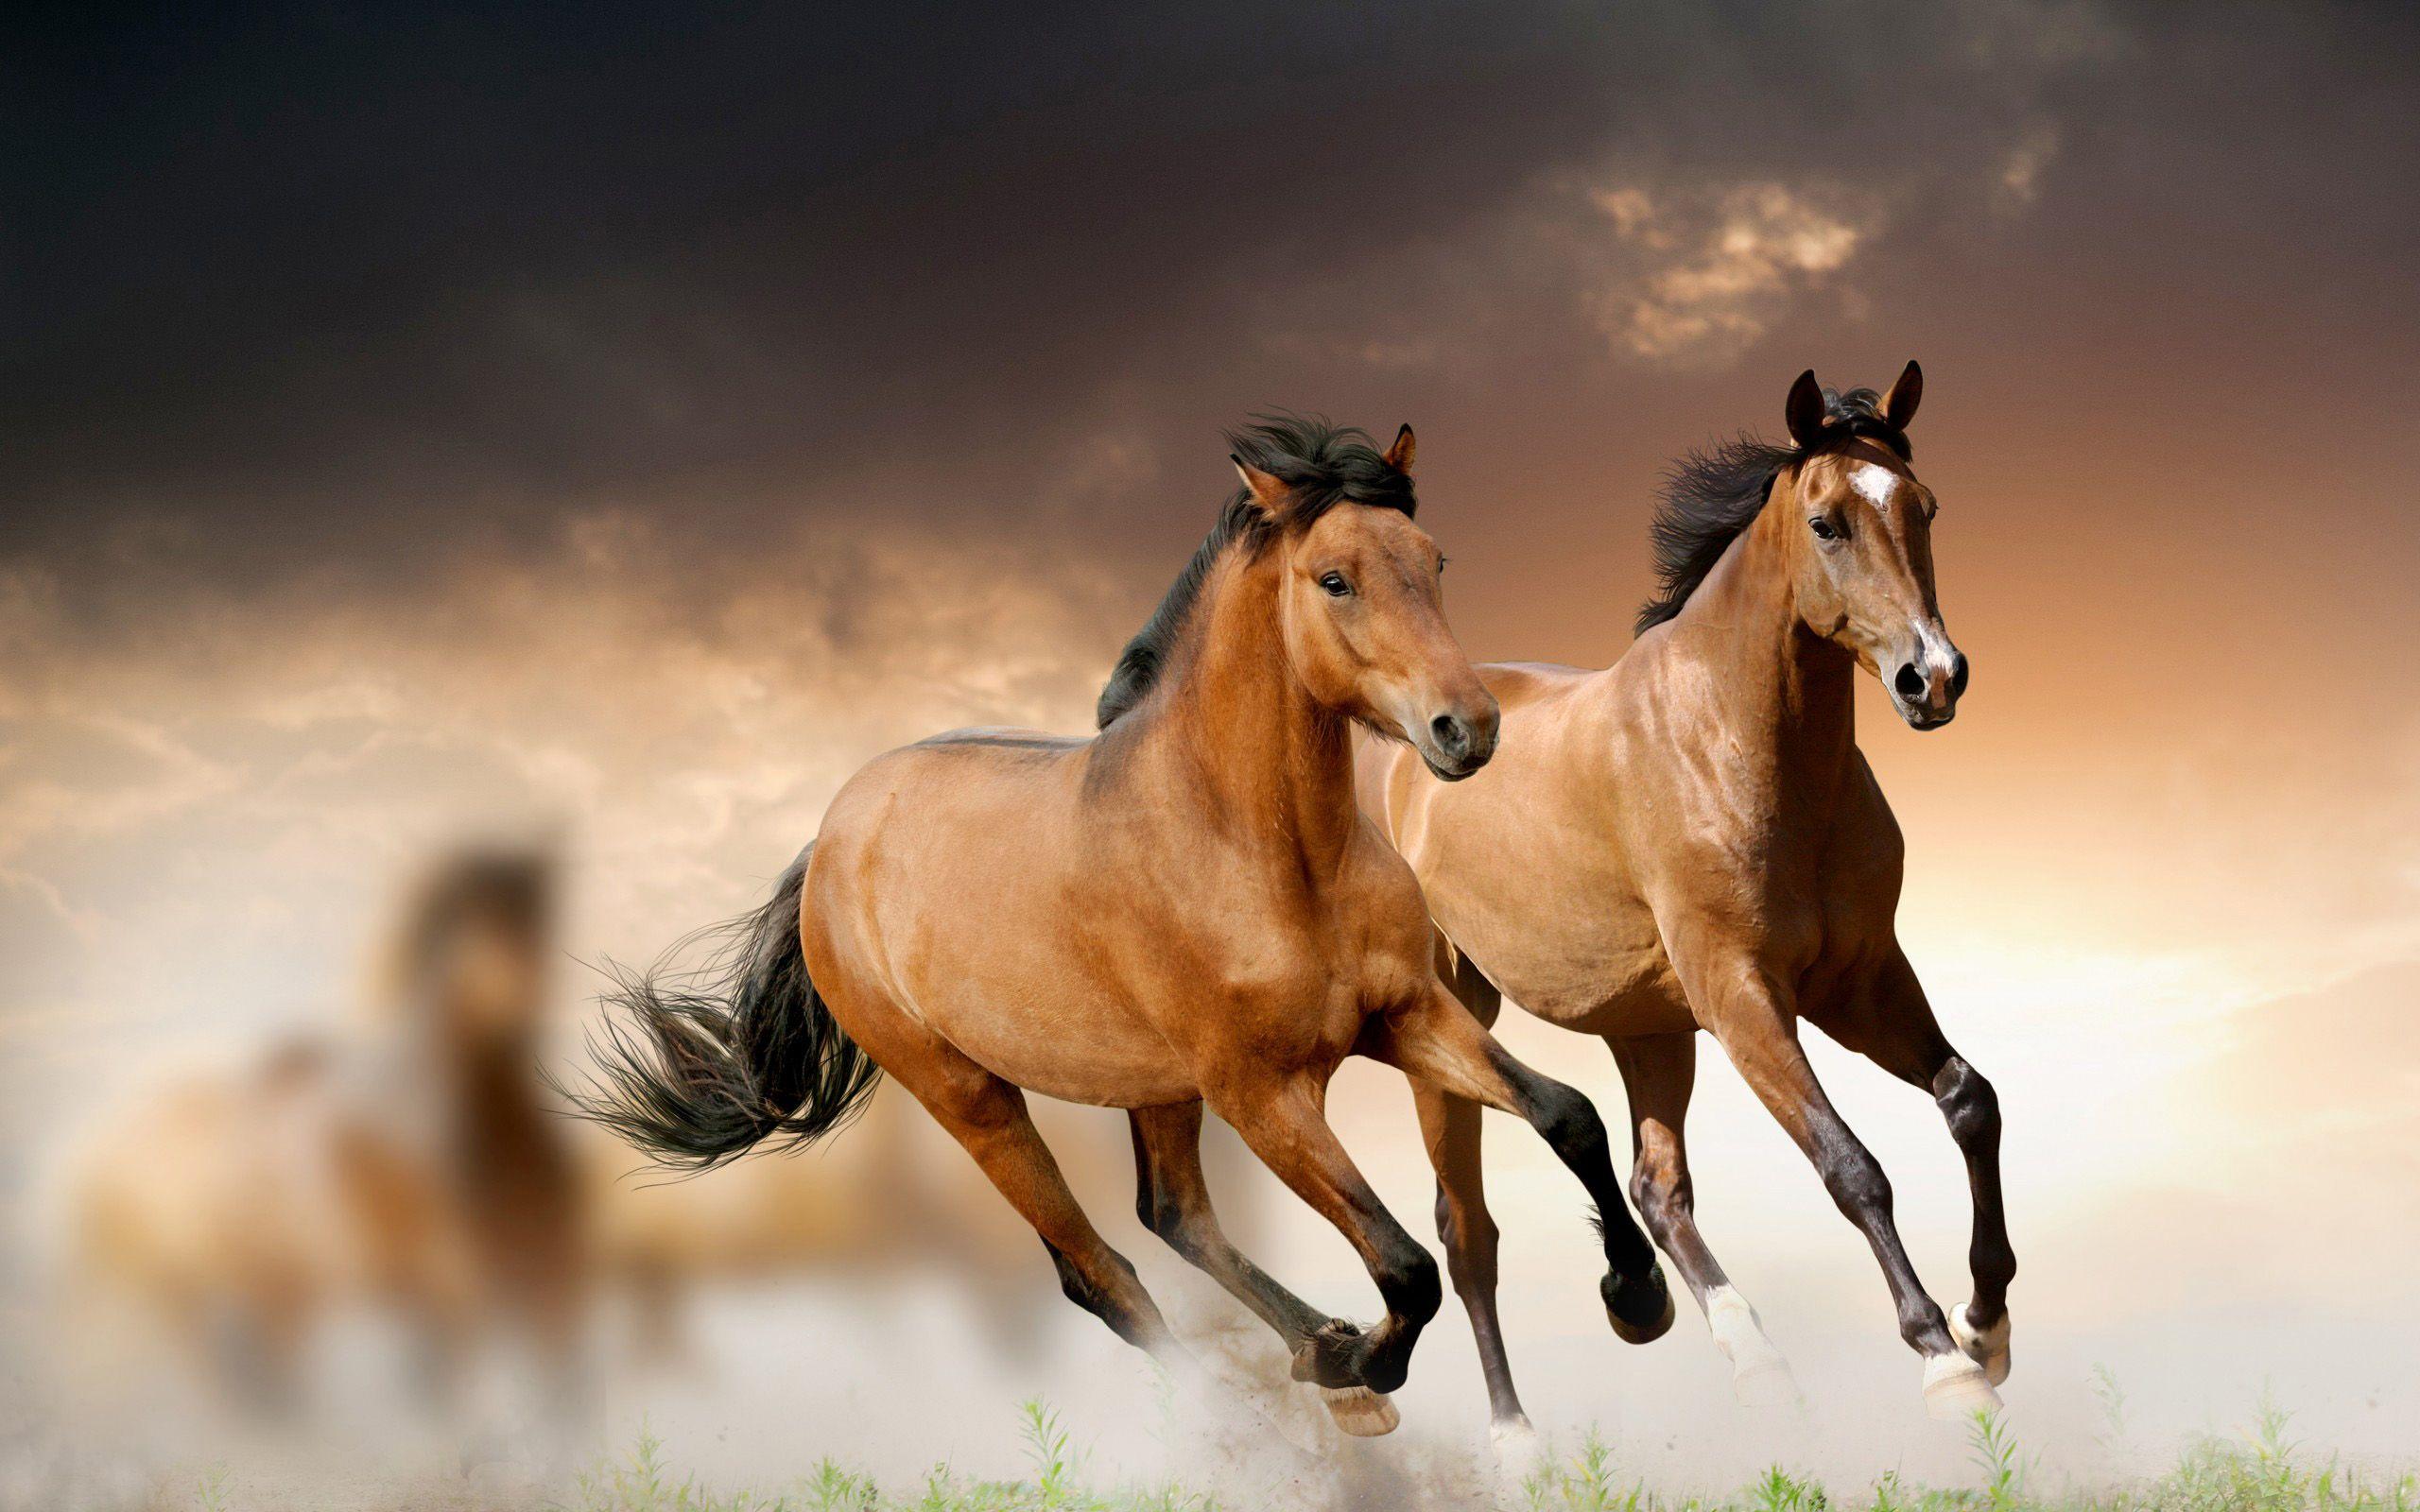 Must see Wallpaper Horse Laptop - 182a43c50e3bdfd364378e3d89fcd881  HD_833020.jpg